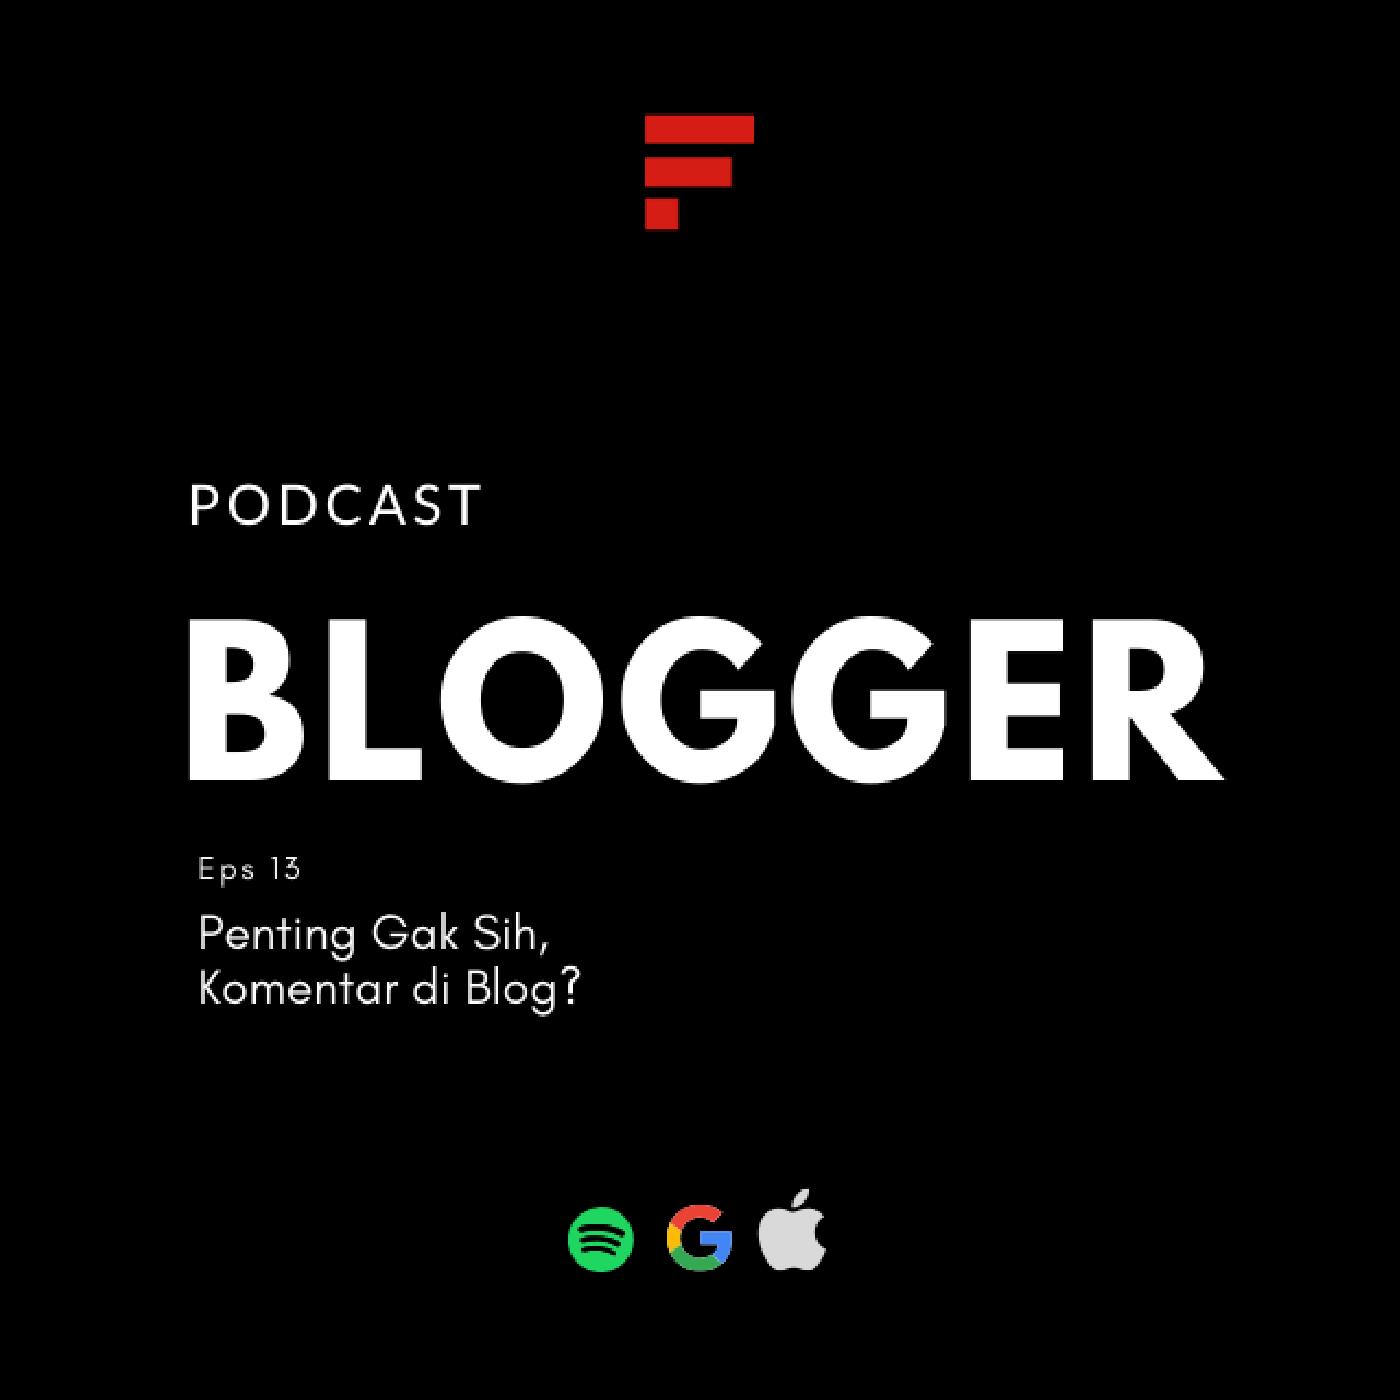 EPS13: Penting Gak Sih, Komentar di Blog?